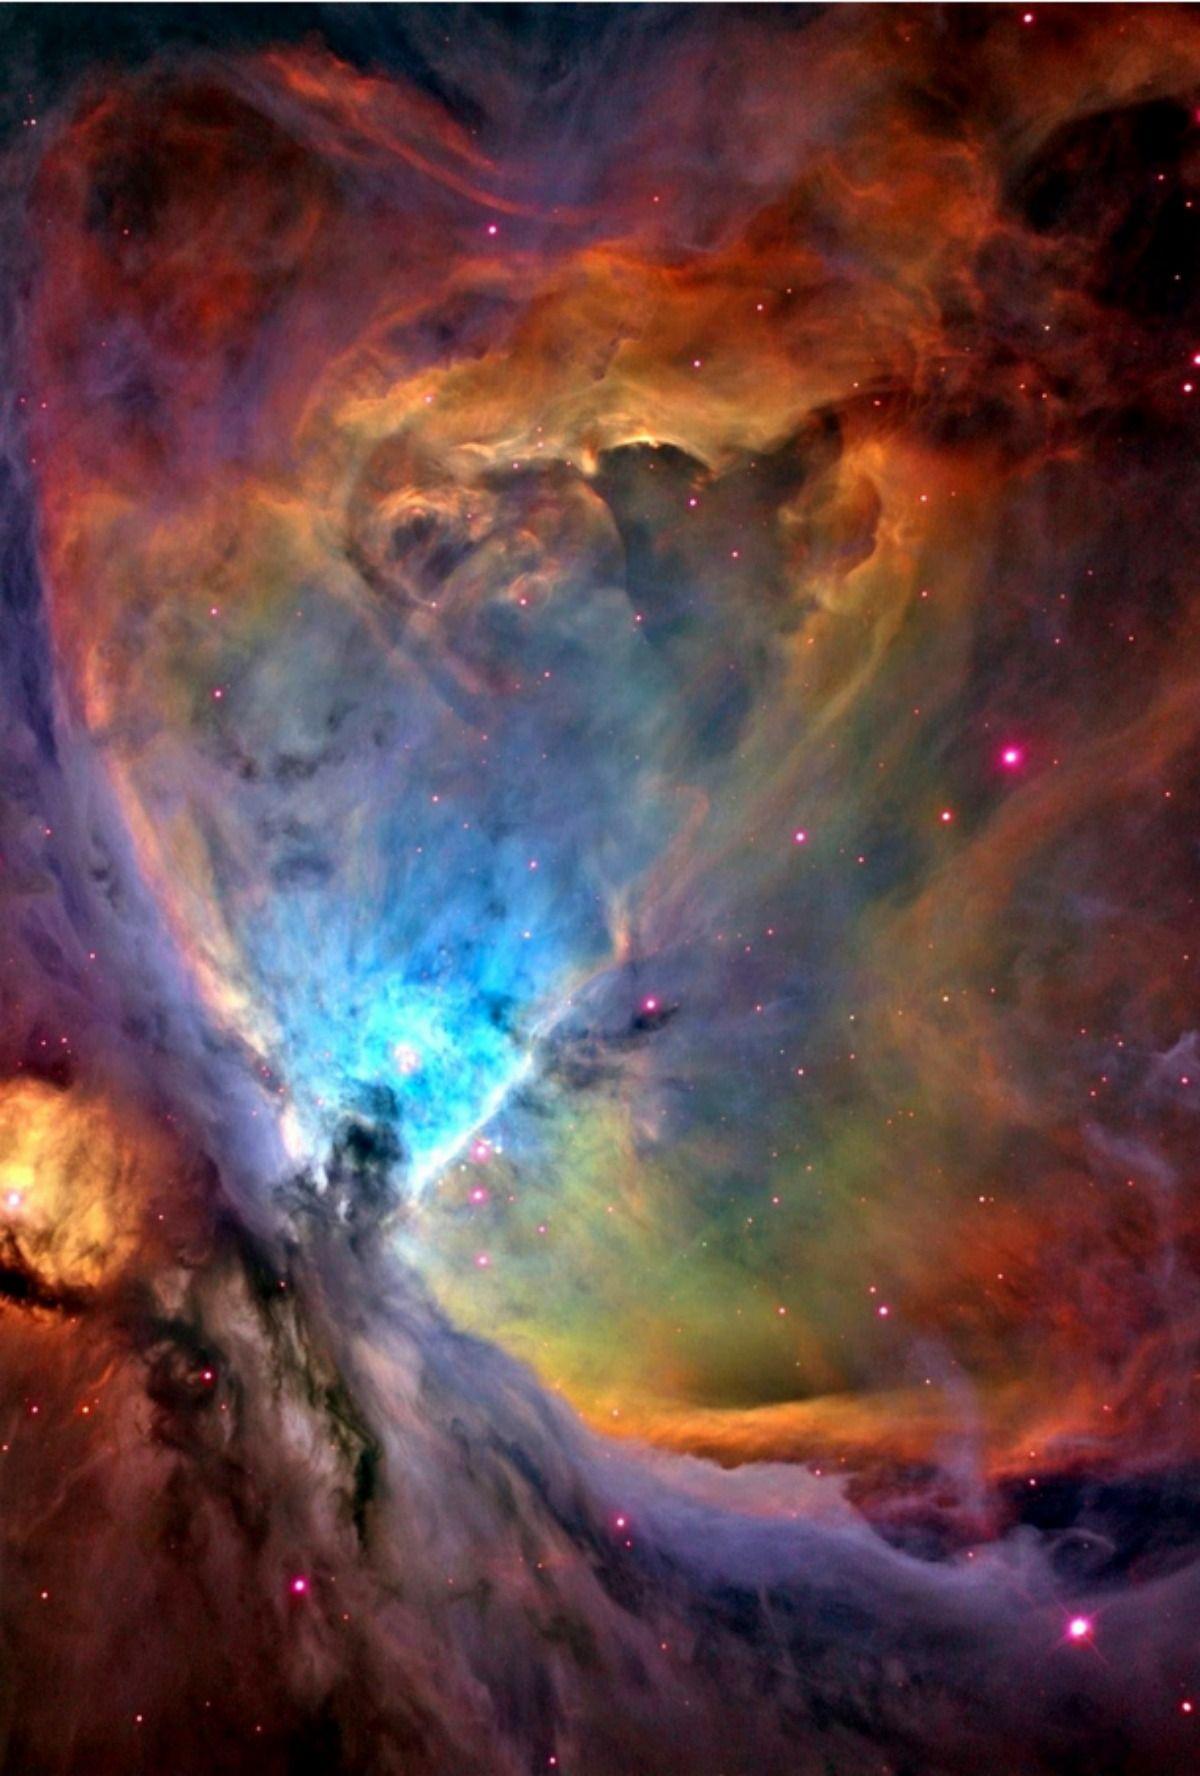 skinit galaxy orion nebula - photo #13